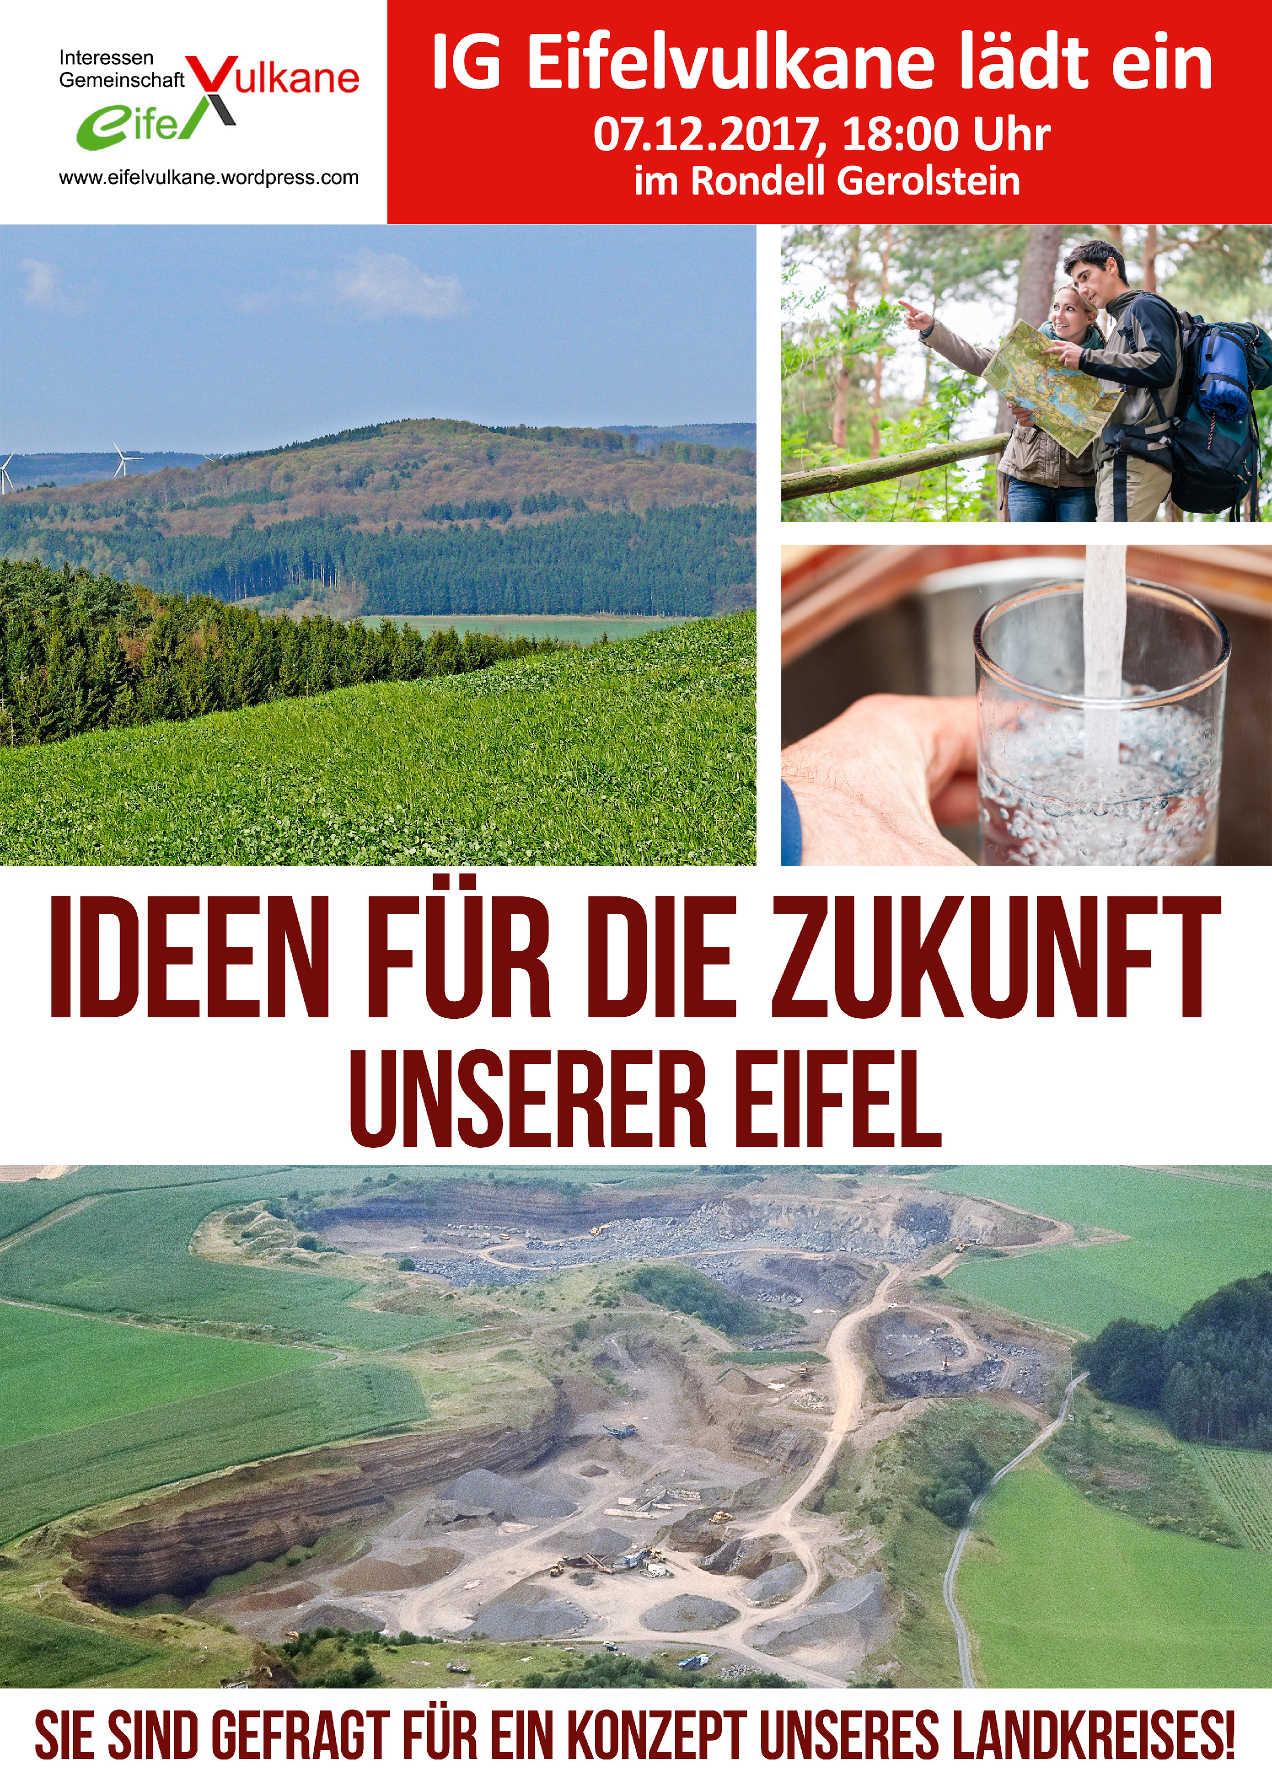 Ideen für die Zkunft der Eifel